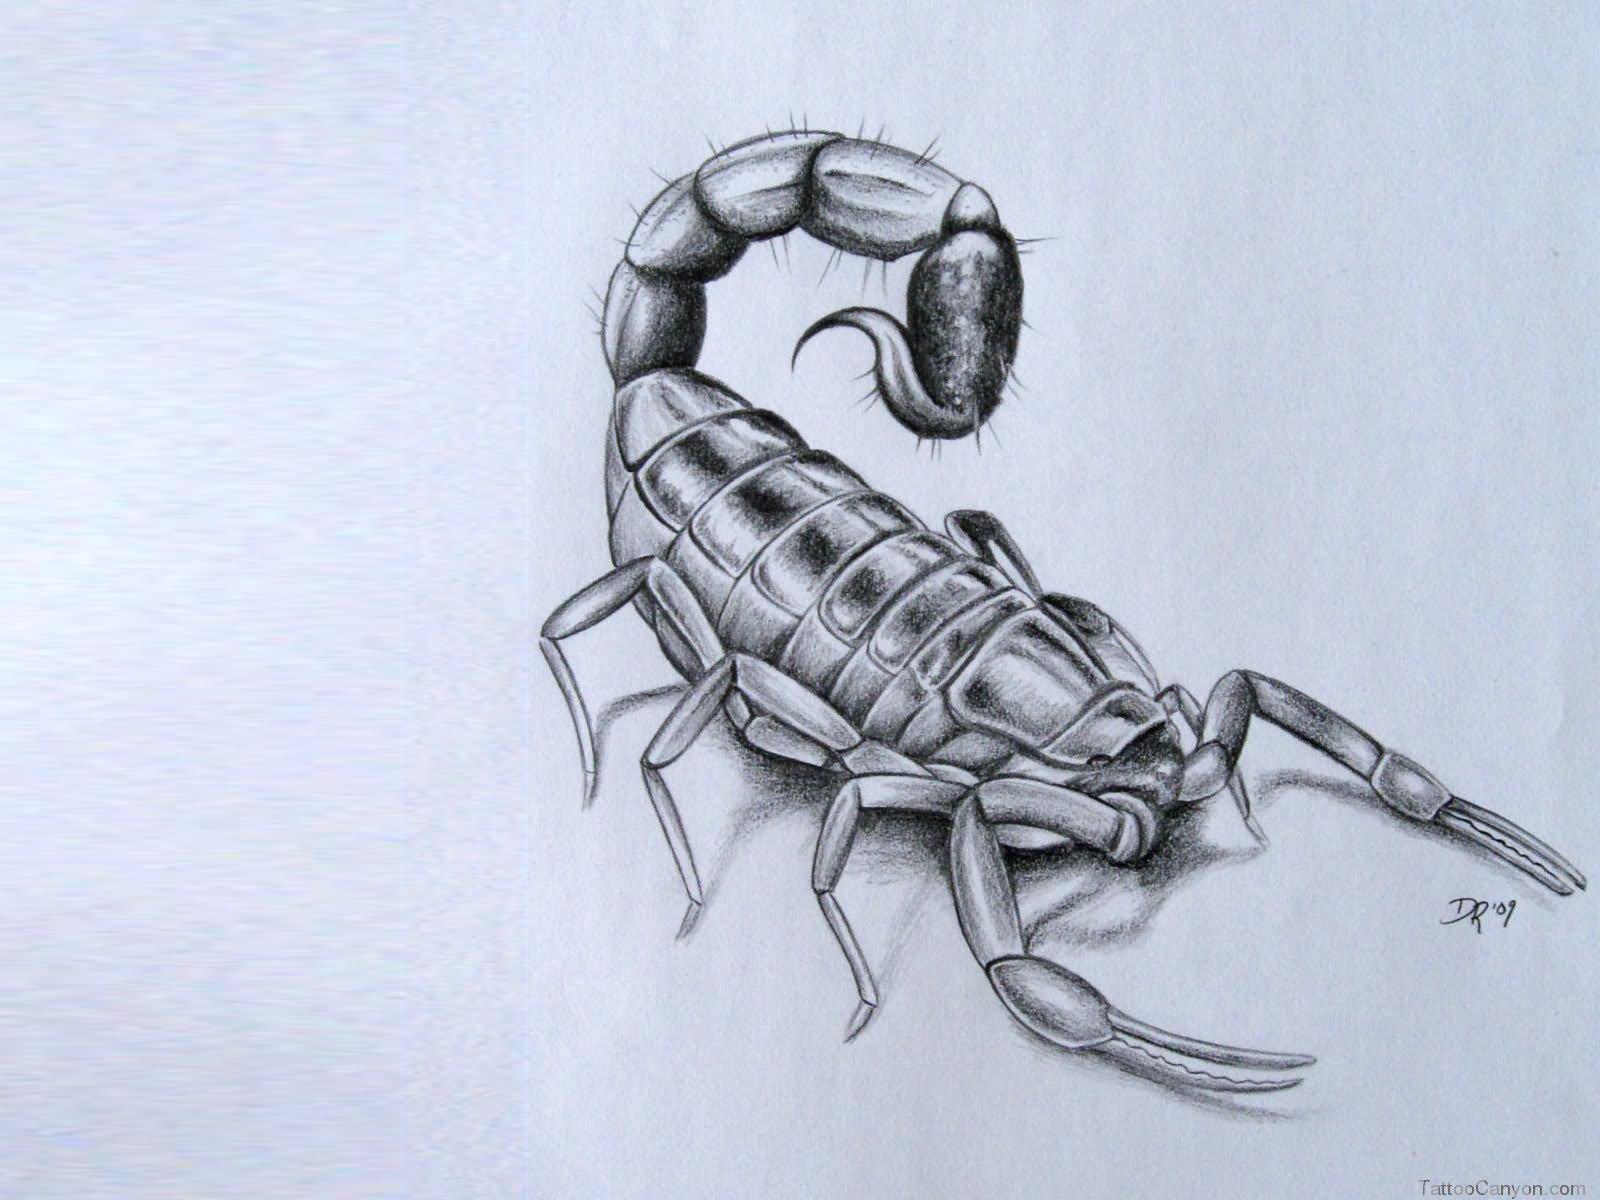 3d scorpion tattoo designs - Black And Grey 3d Scorpion Tattoo Design